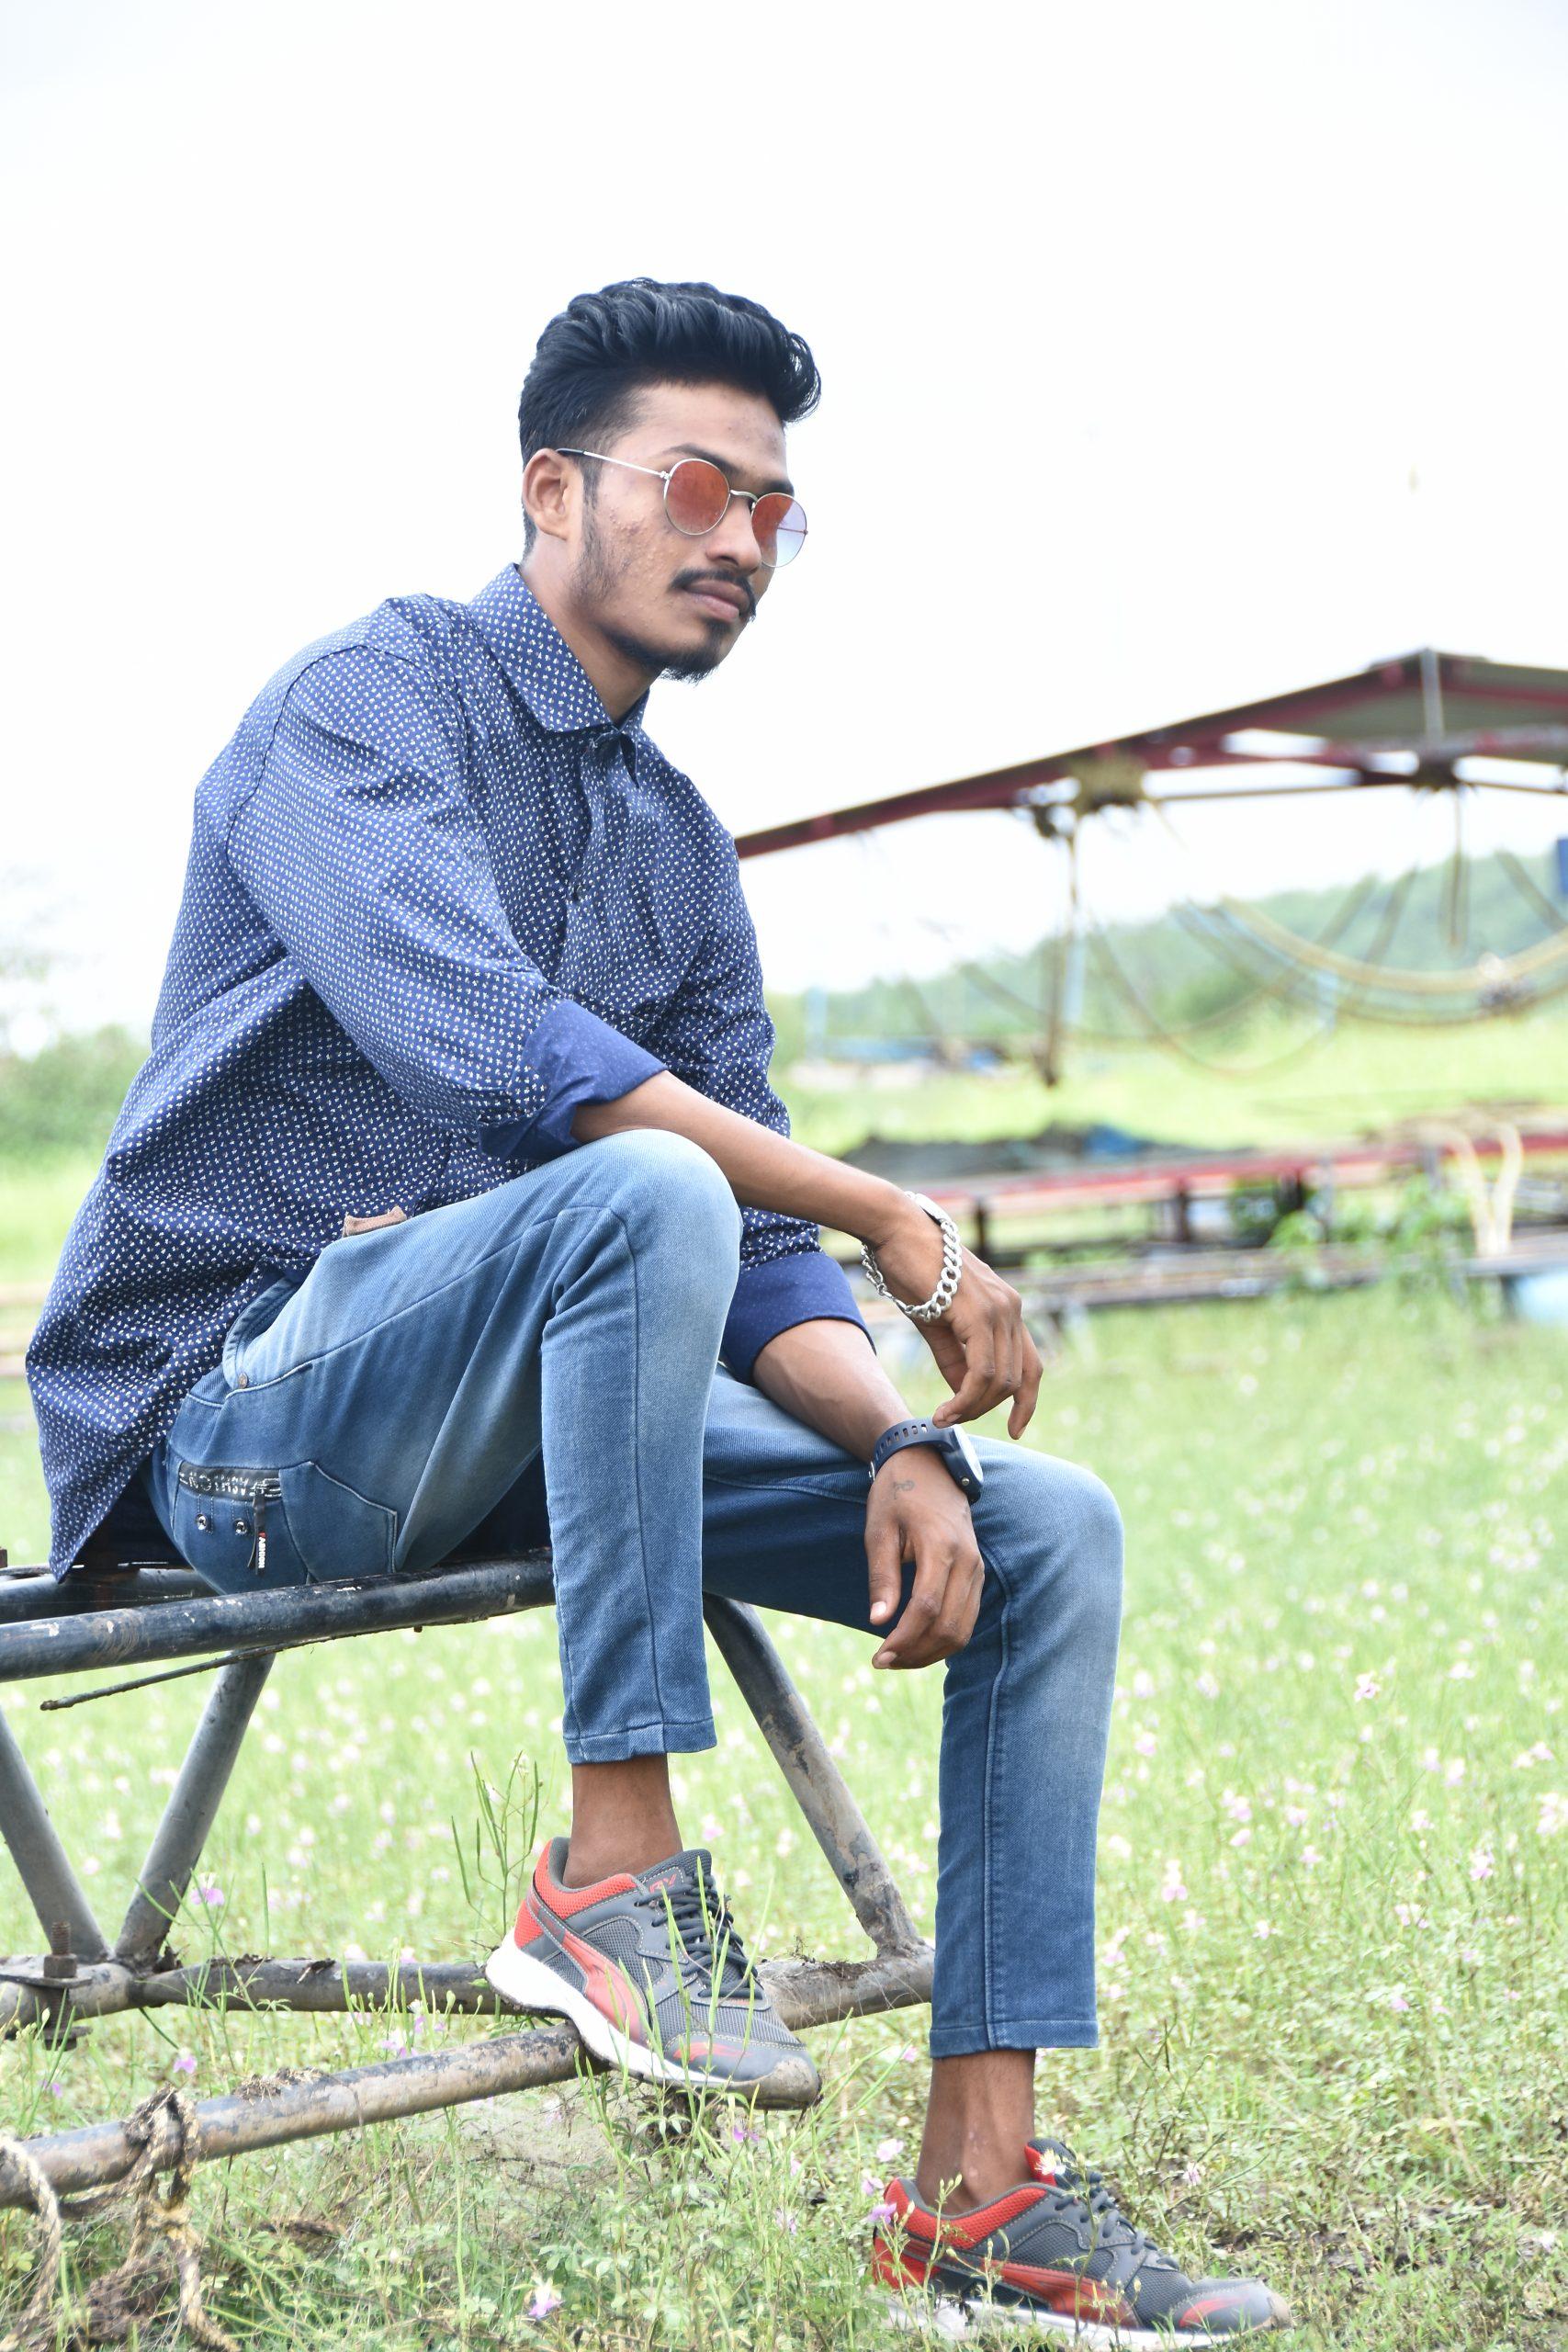 Boy in Farm